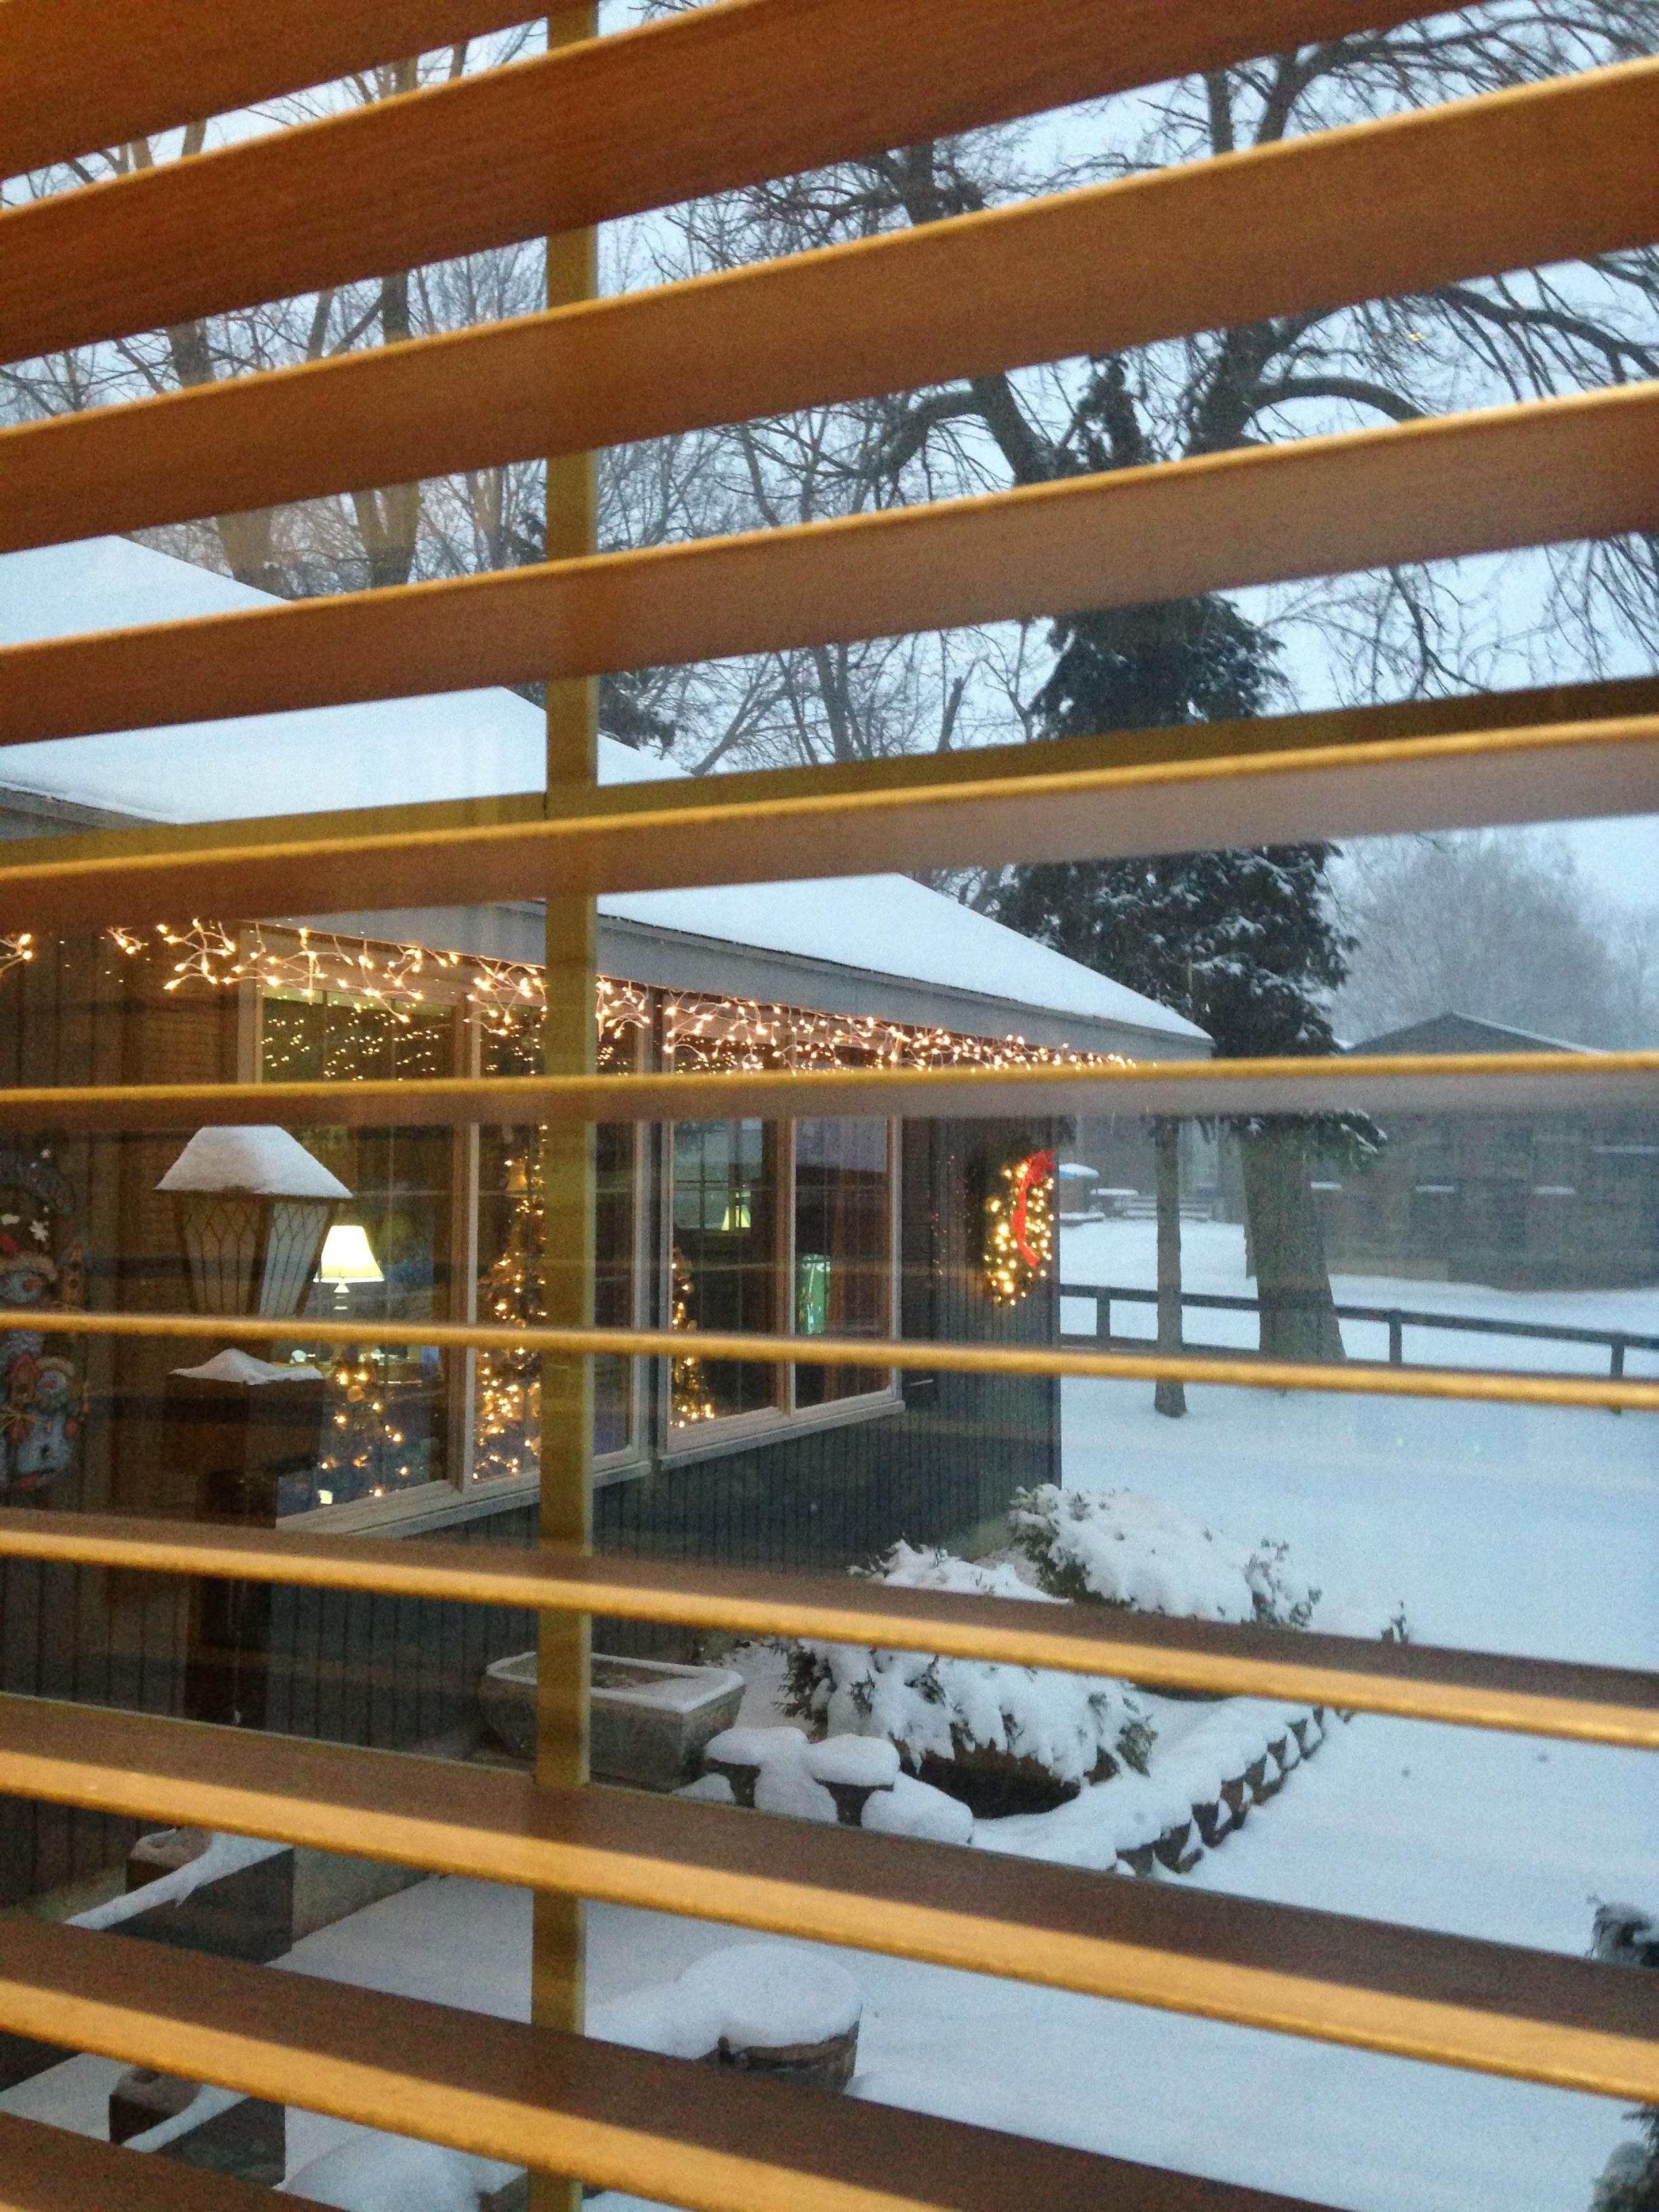 Snow-and-Christmas-Lights.jpg